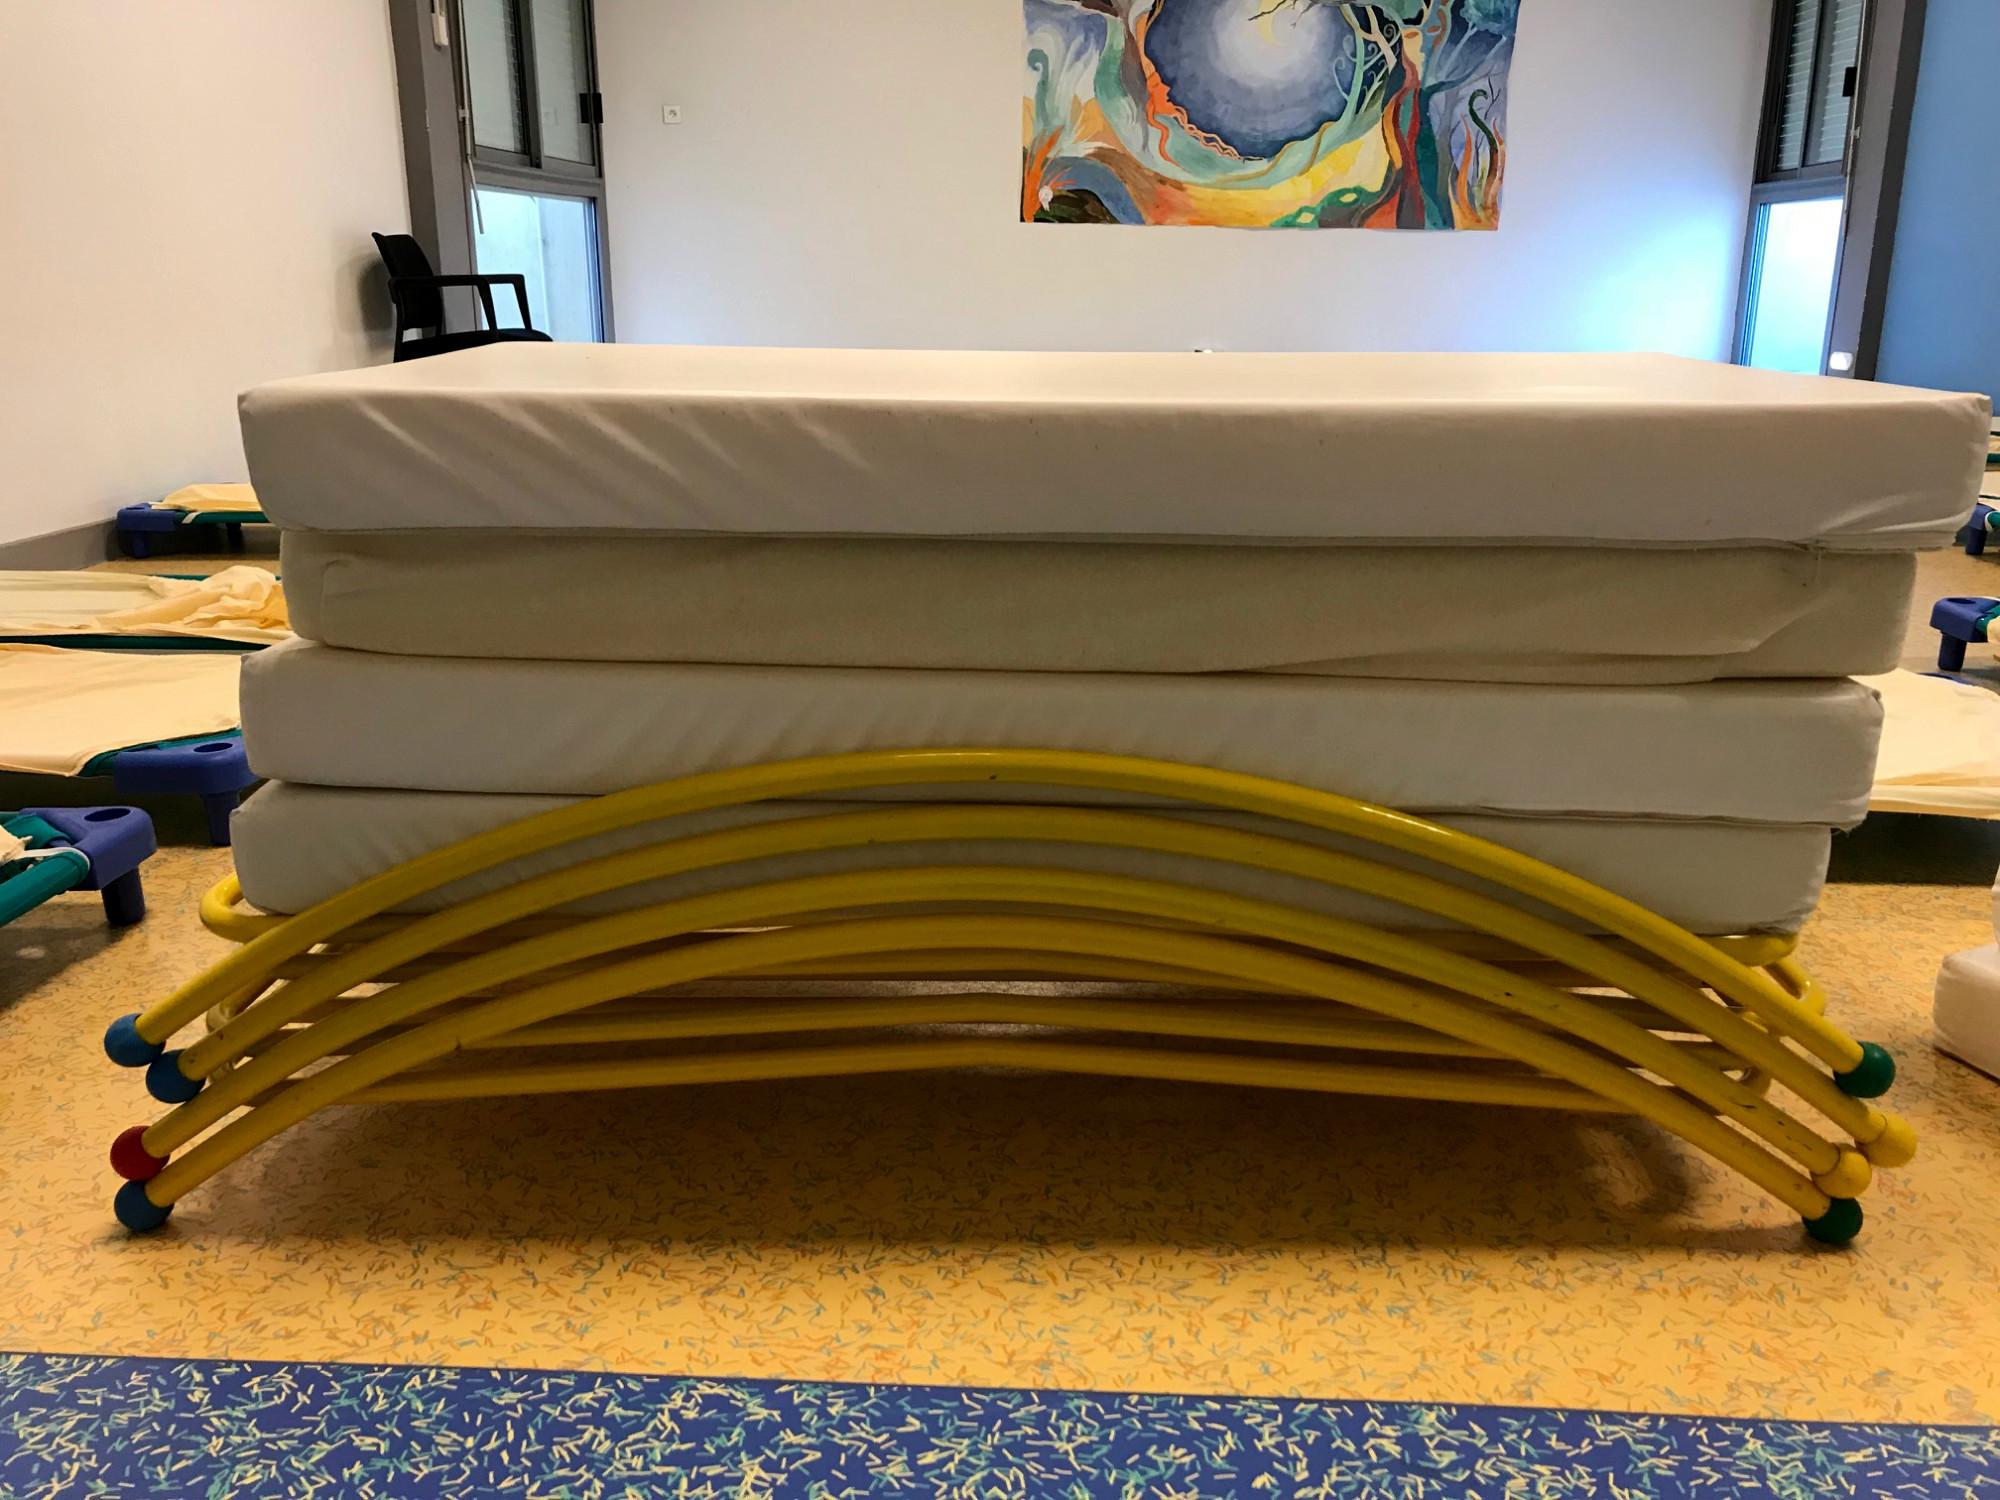 lits enfants mobilier scolaire d 39 occasion aux ench res agorastore. Black Bedroom Furniture Sets. Home Design Ideas